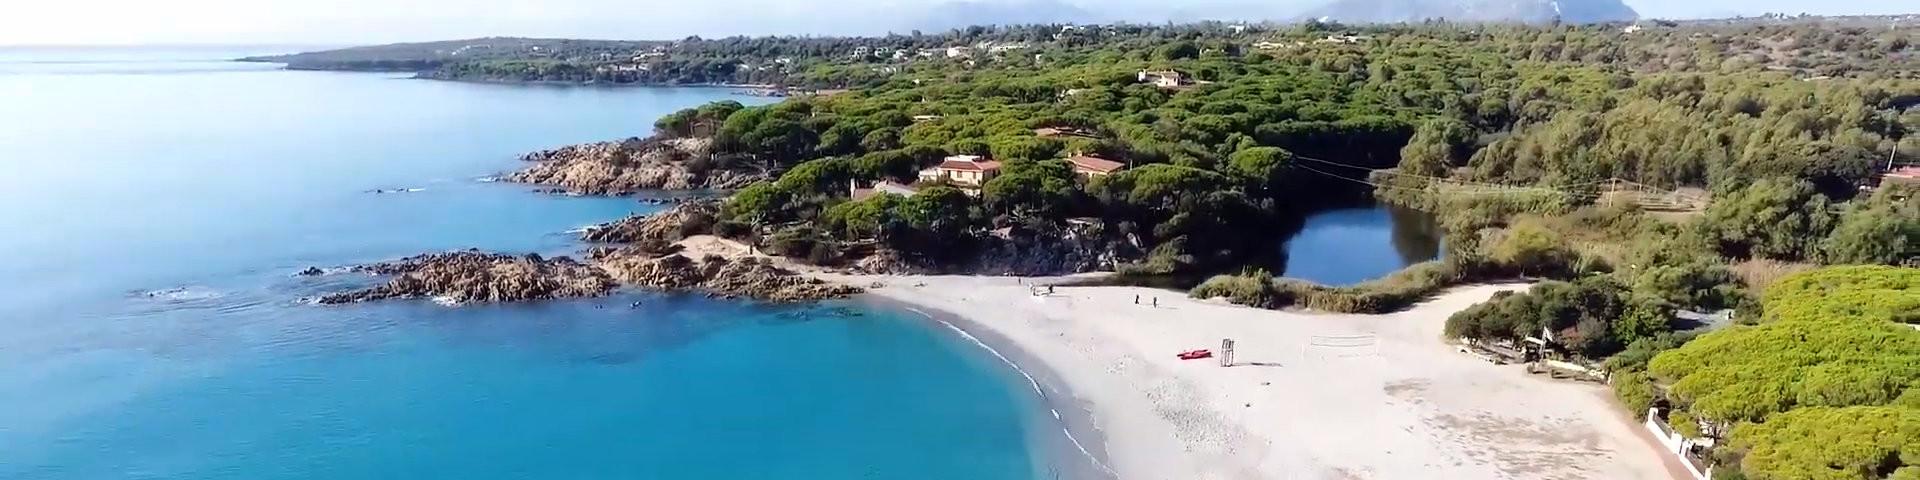 Pláž Cala Liberotto a rybník Riú Sos Alinos